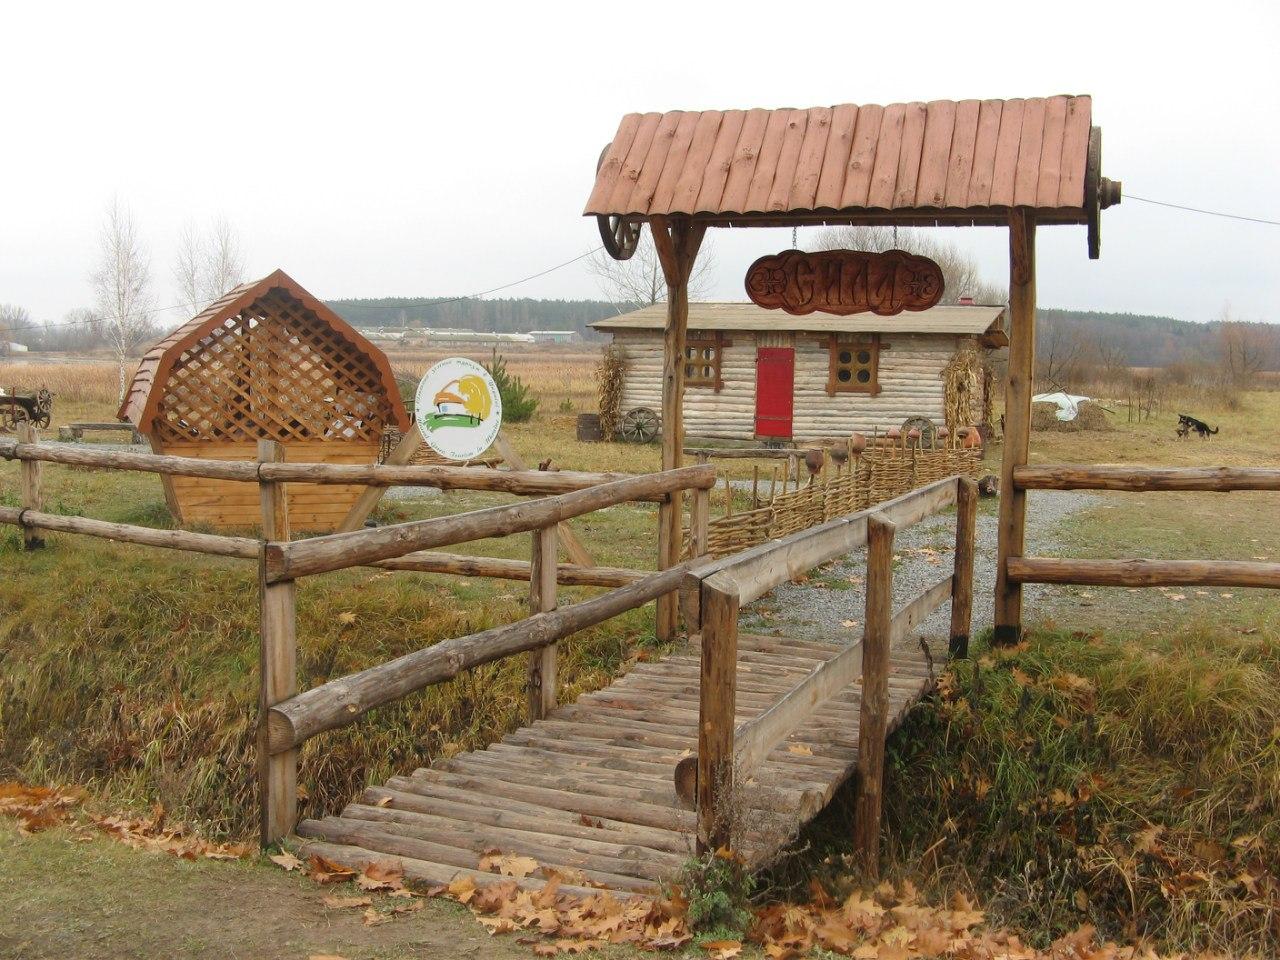 Еко-туризм на Житомирщині: 10 місць для заміського відпочинку, фото-3